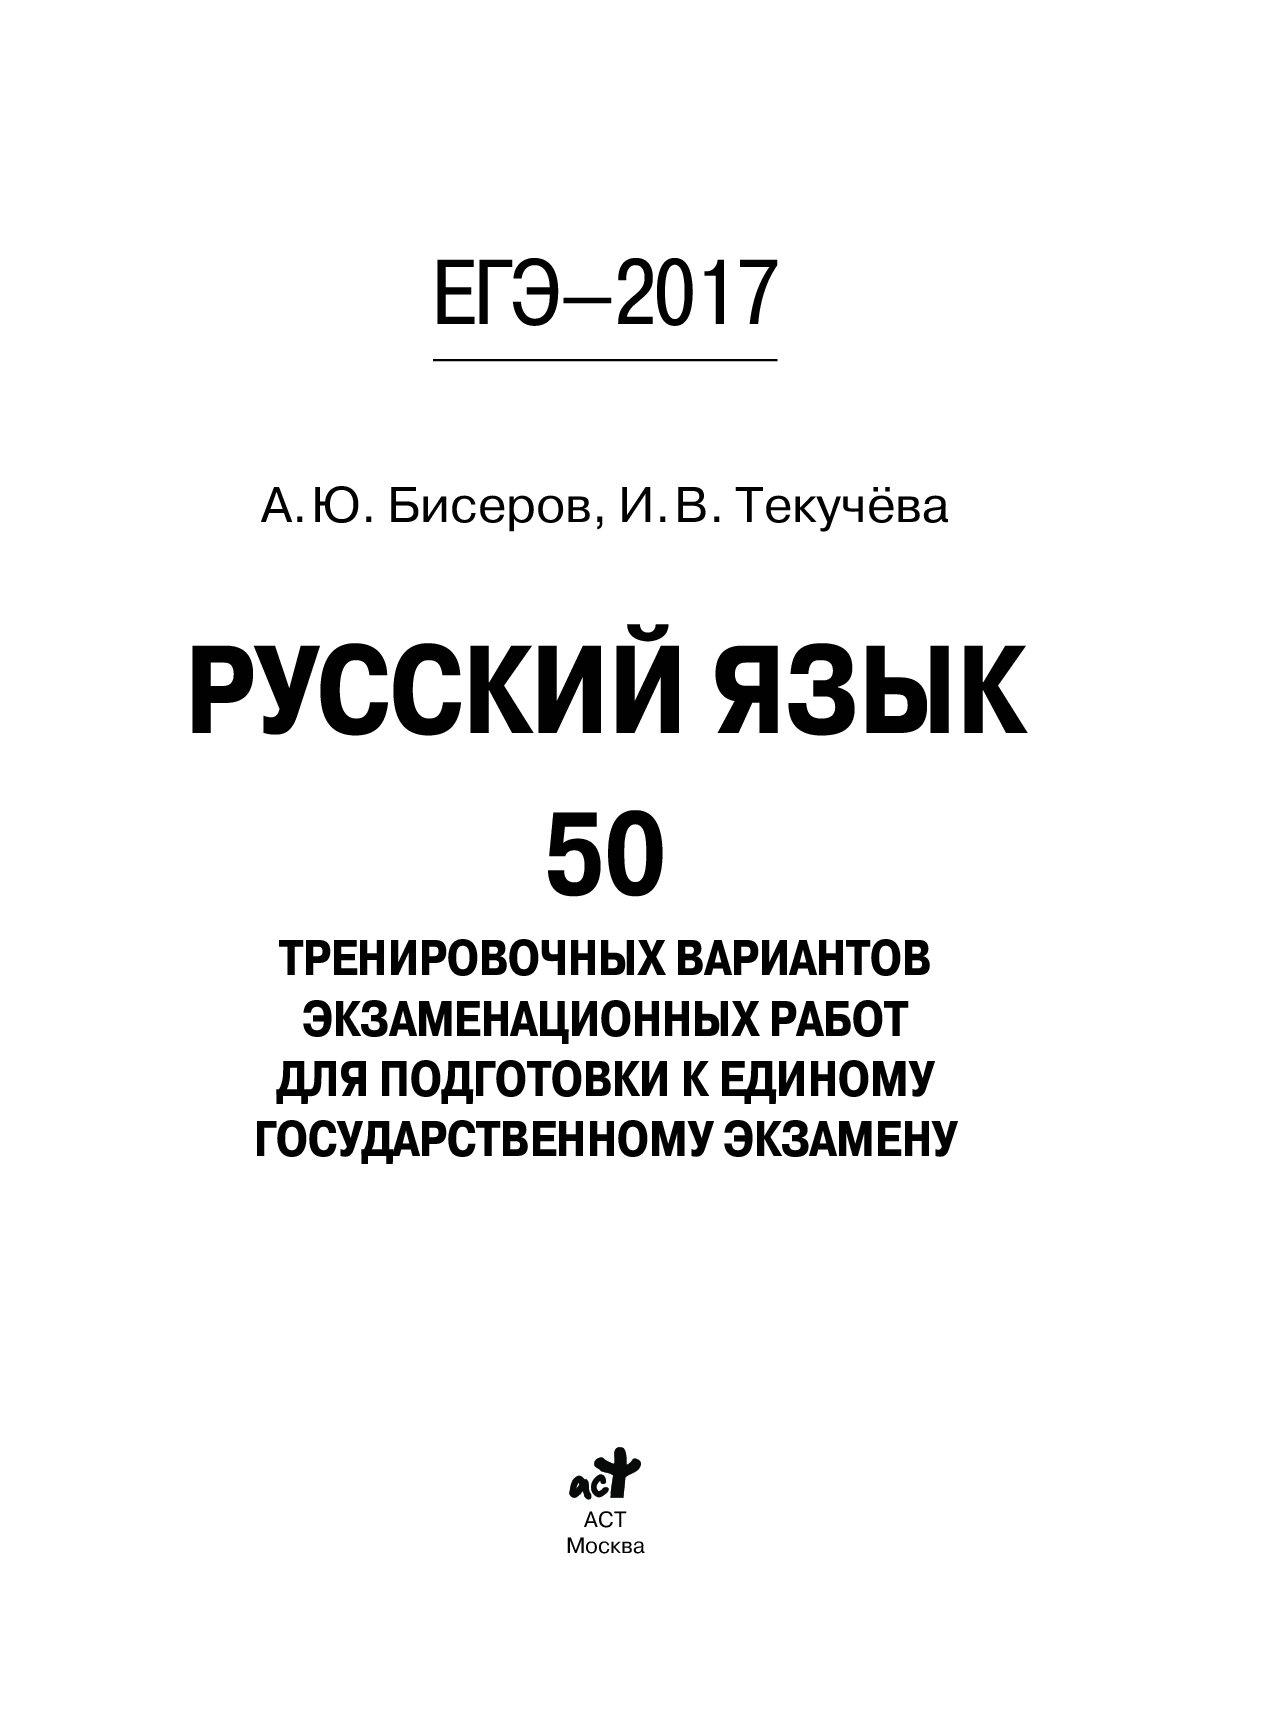 ЕГЭ 2016 РУССКИЙ ЯЗЫК БИСЕРОВ СКАЧАТЬ БЕСПЛАТНО